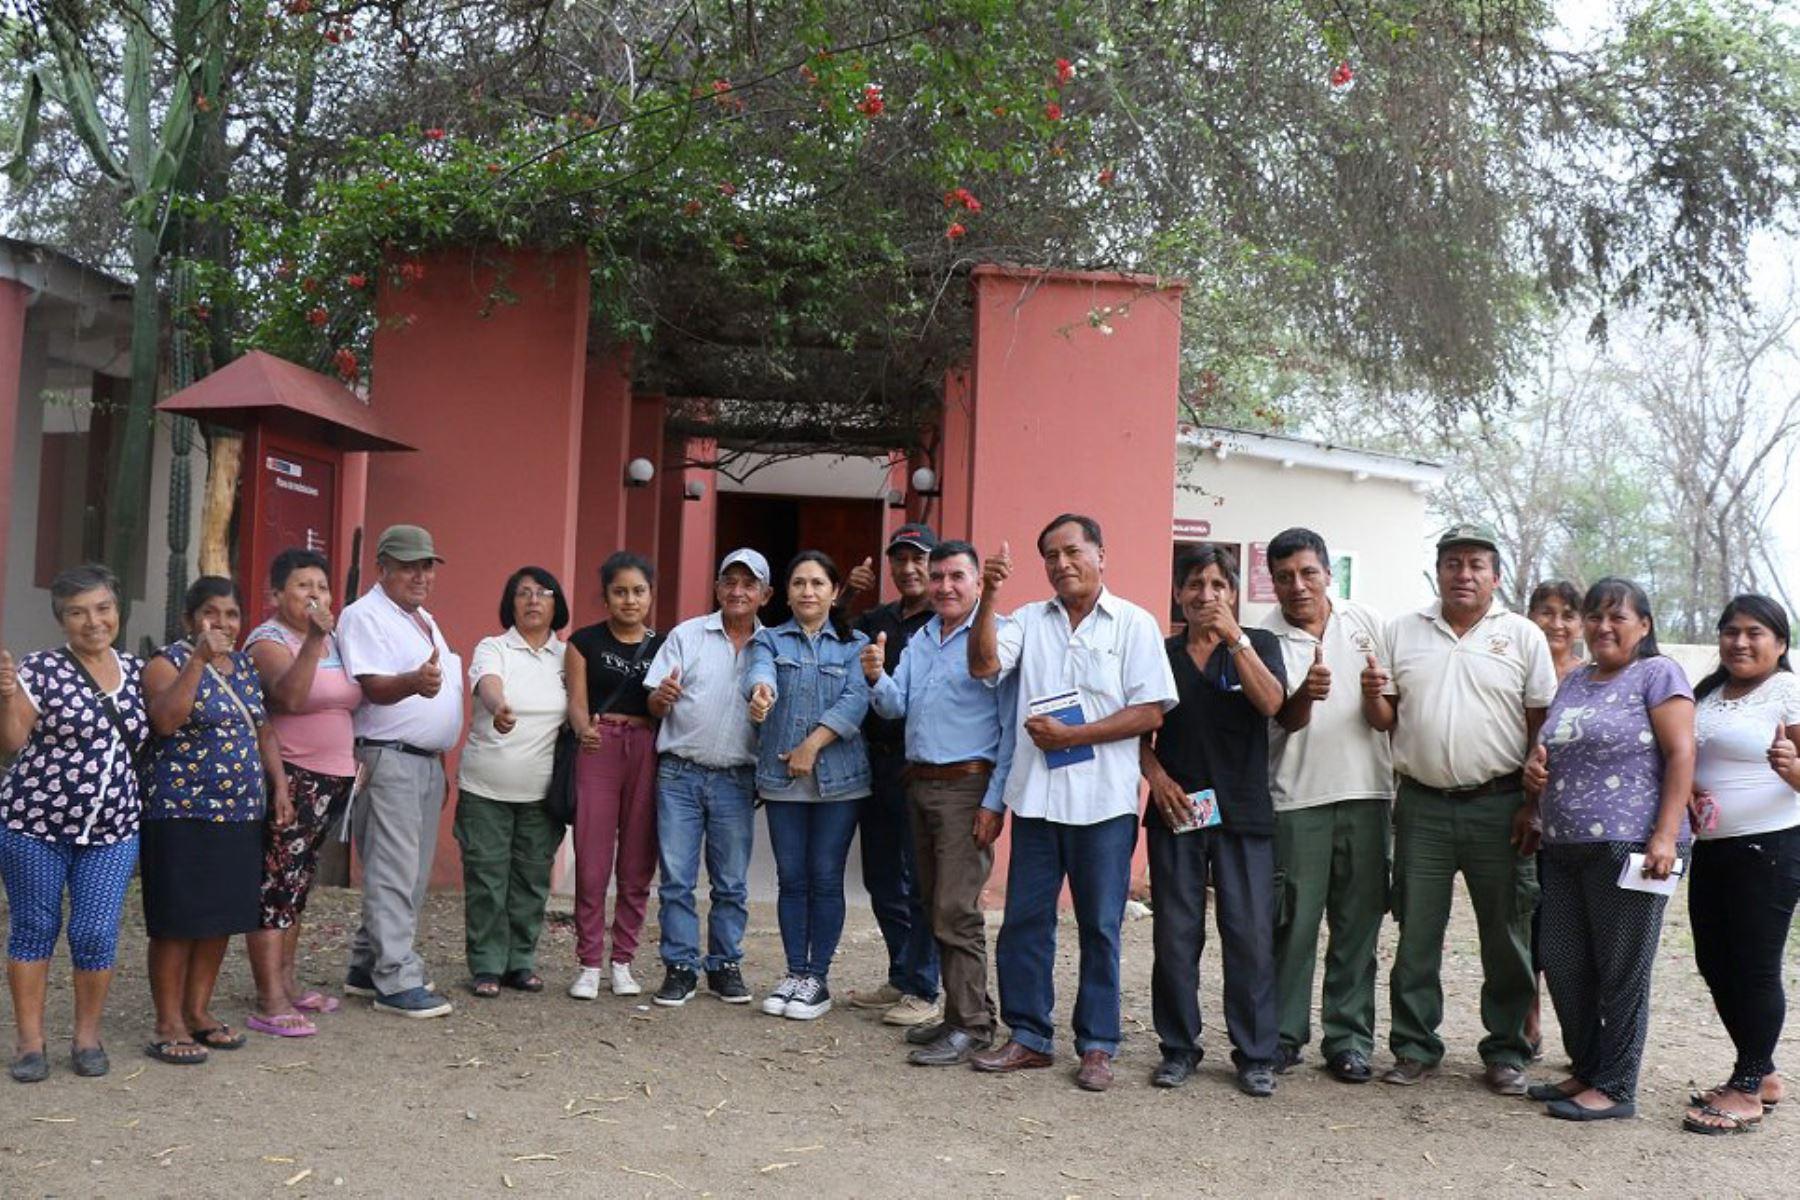 Más de 200 pobladores de la provincia lambayecana de Ferreñafe integrarán los nuevos Comités de Vigilancia del Santuario Histórico Bosque de Pómac, iniciativa promovida por el Servicio Nacional de Áreas Naturales Protegidas por el Estado (Sernanp), organismo adscrito al Ministerio del Ambiente (Minam).